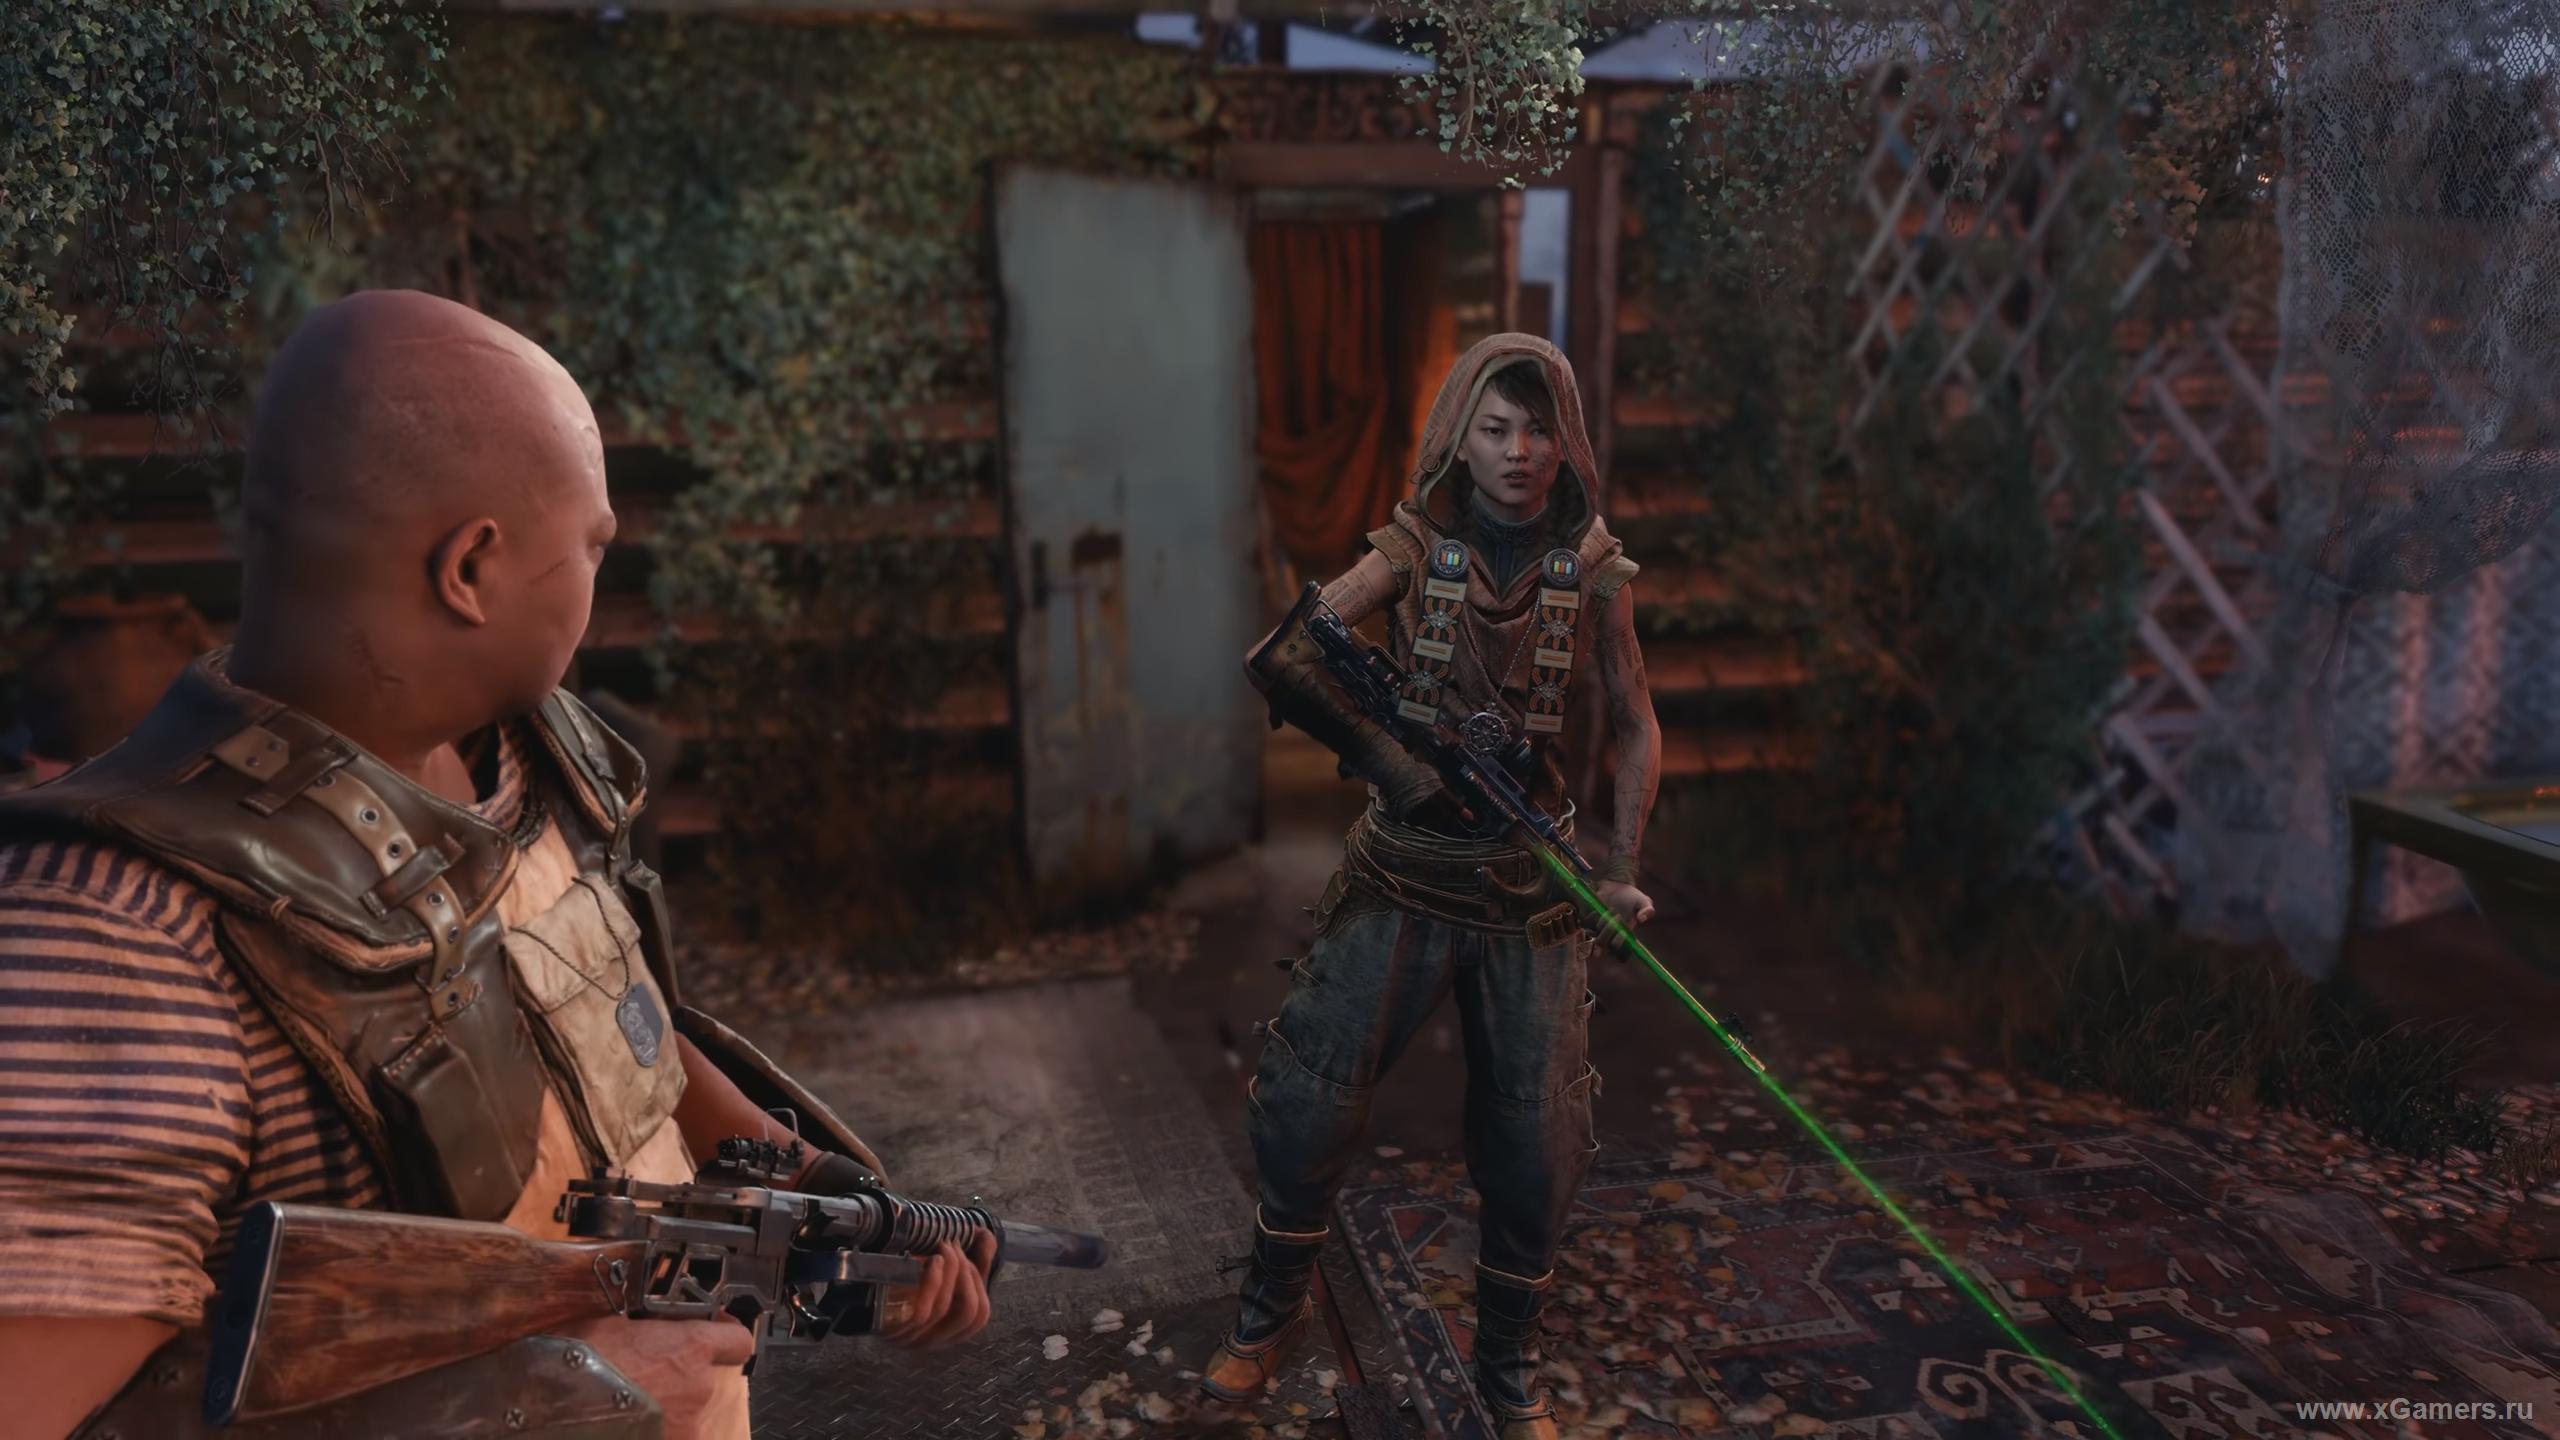 Артем с Дамиром спускаются вместе на встречу Анне, что бы продолжить путешествие группой